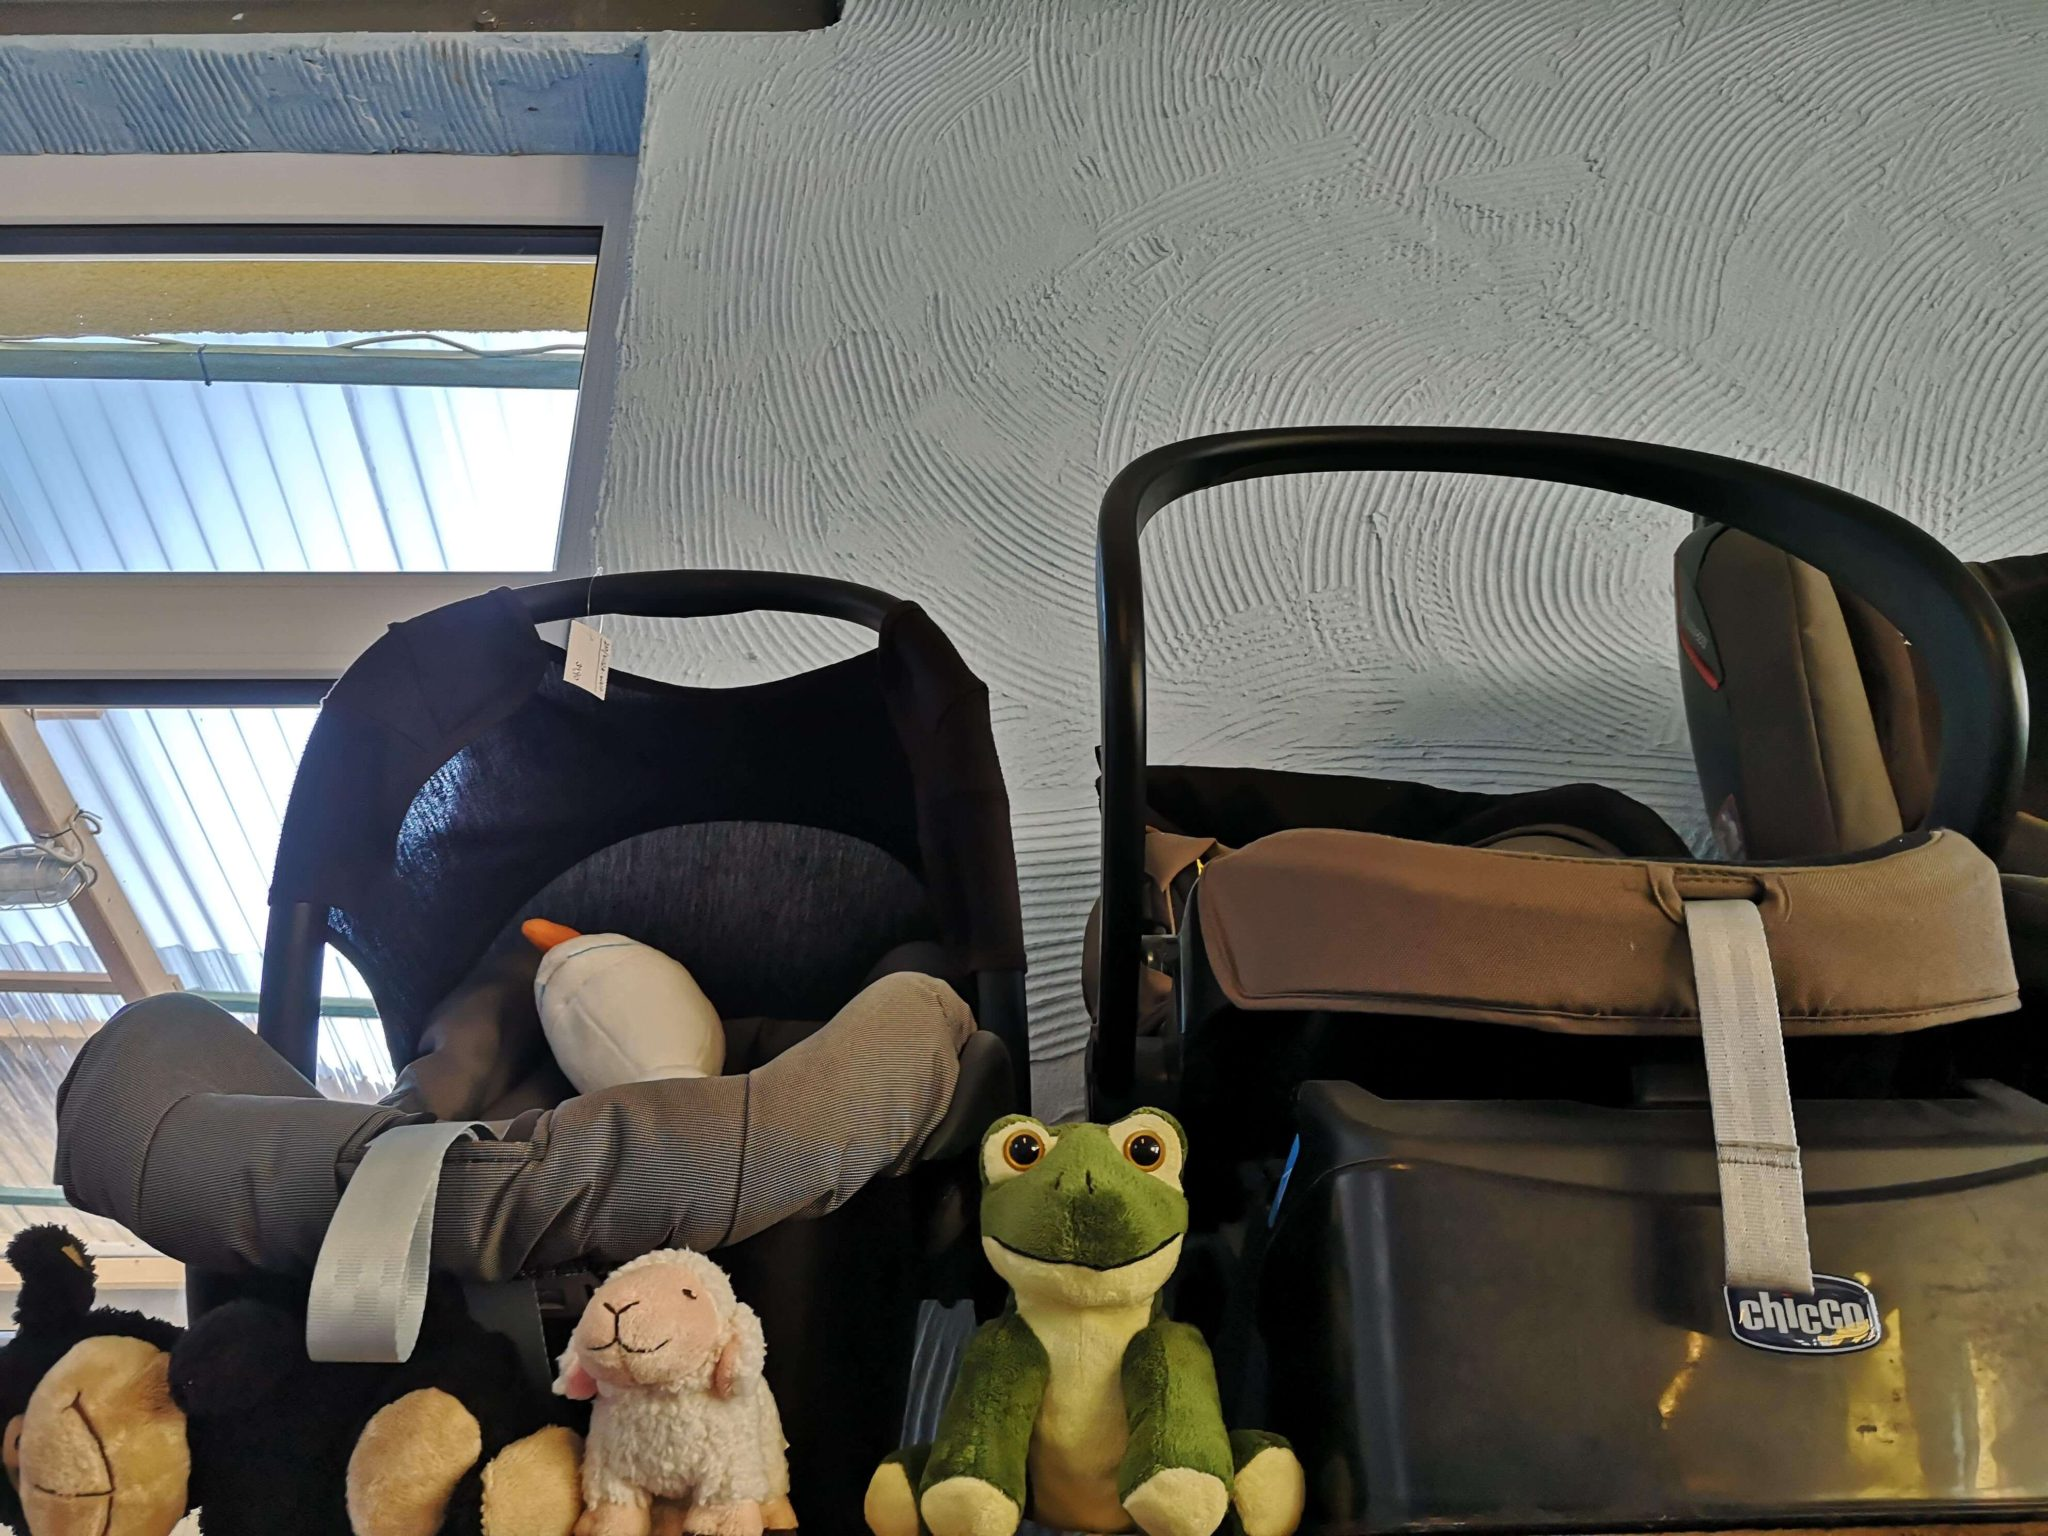 Kindersitze und Stofftiere in der Krötenkiste - Frankfurt mit Kids